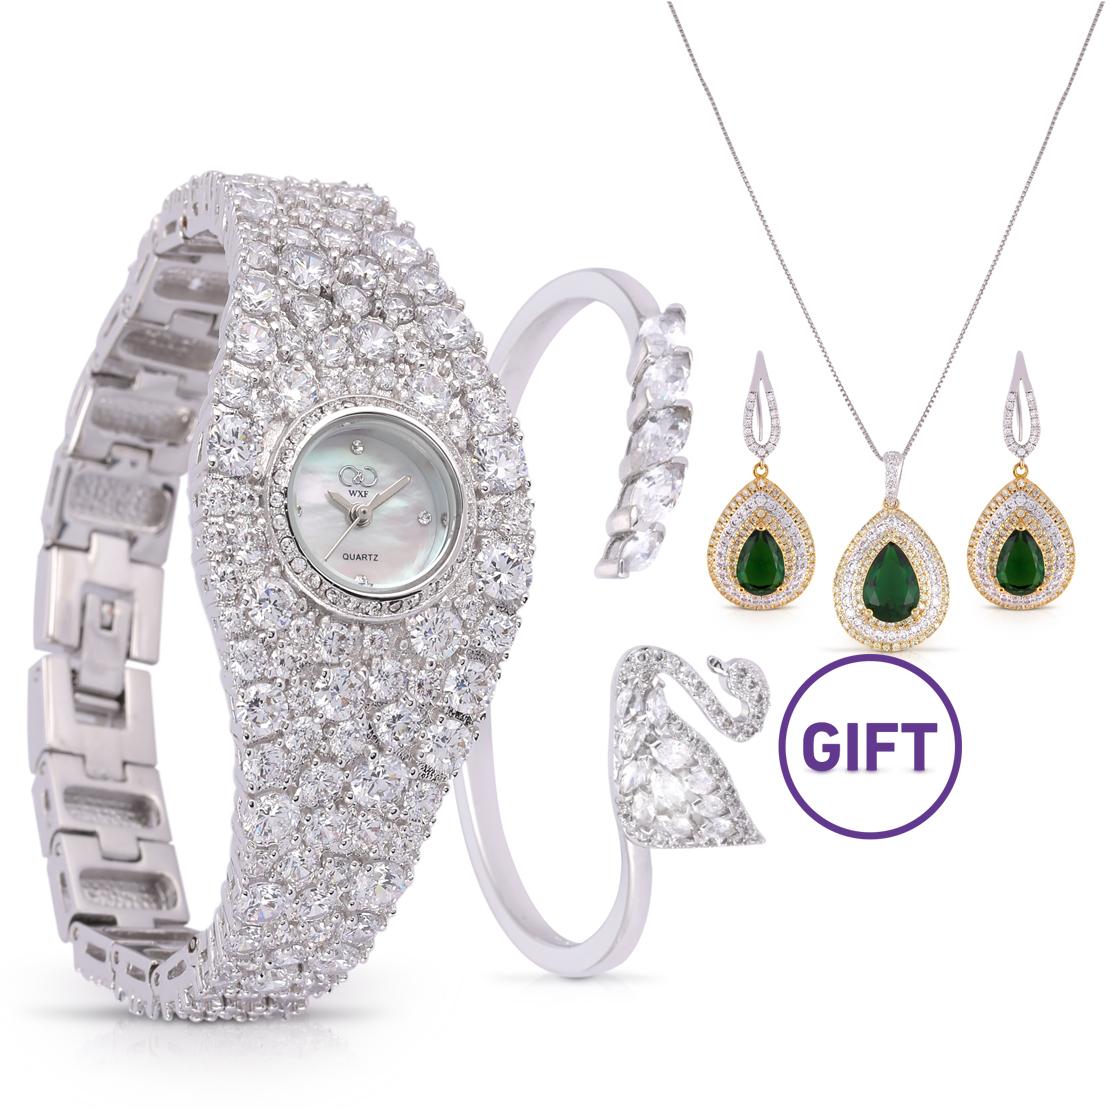 Celestial Diamond Jewelry Watch & Gifts